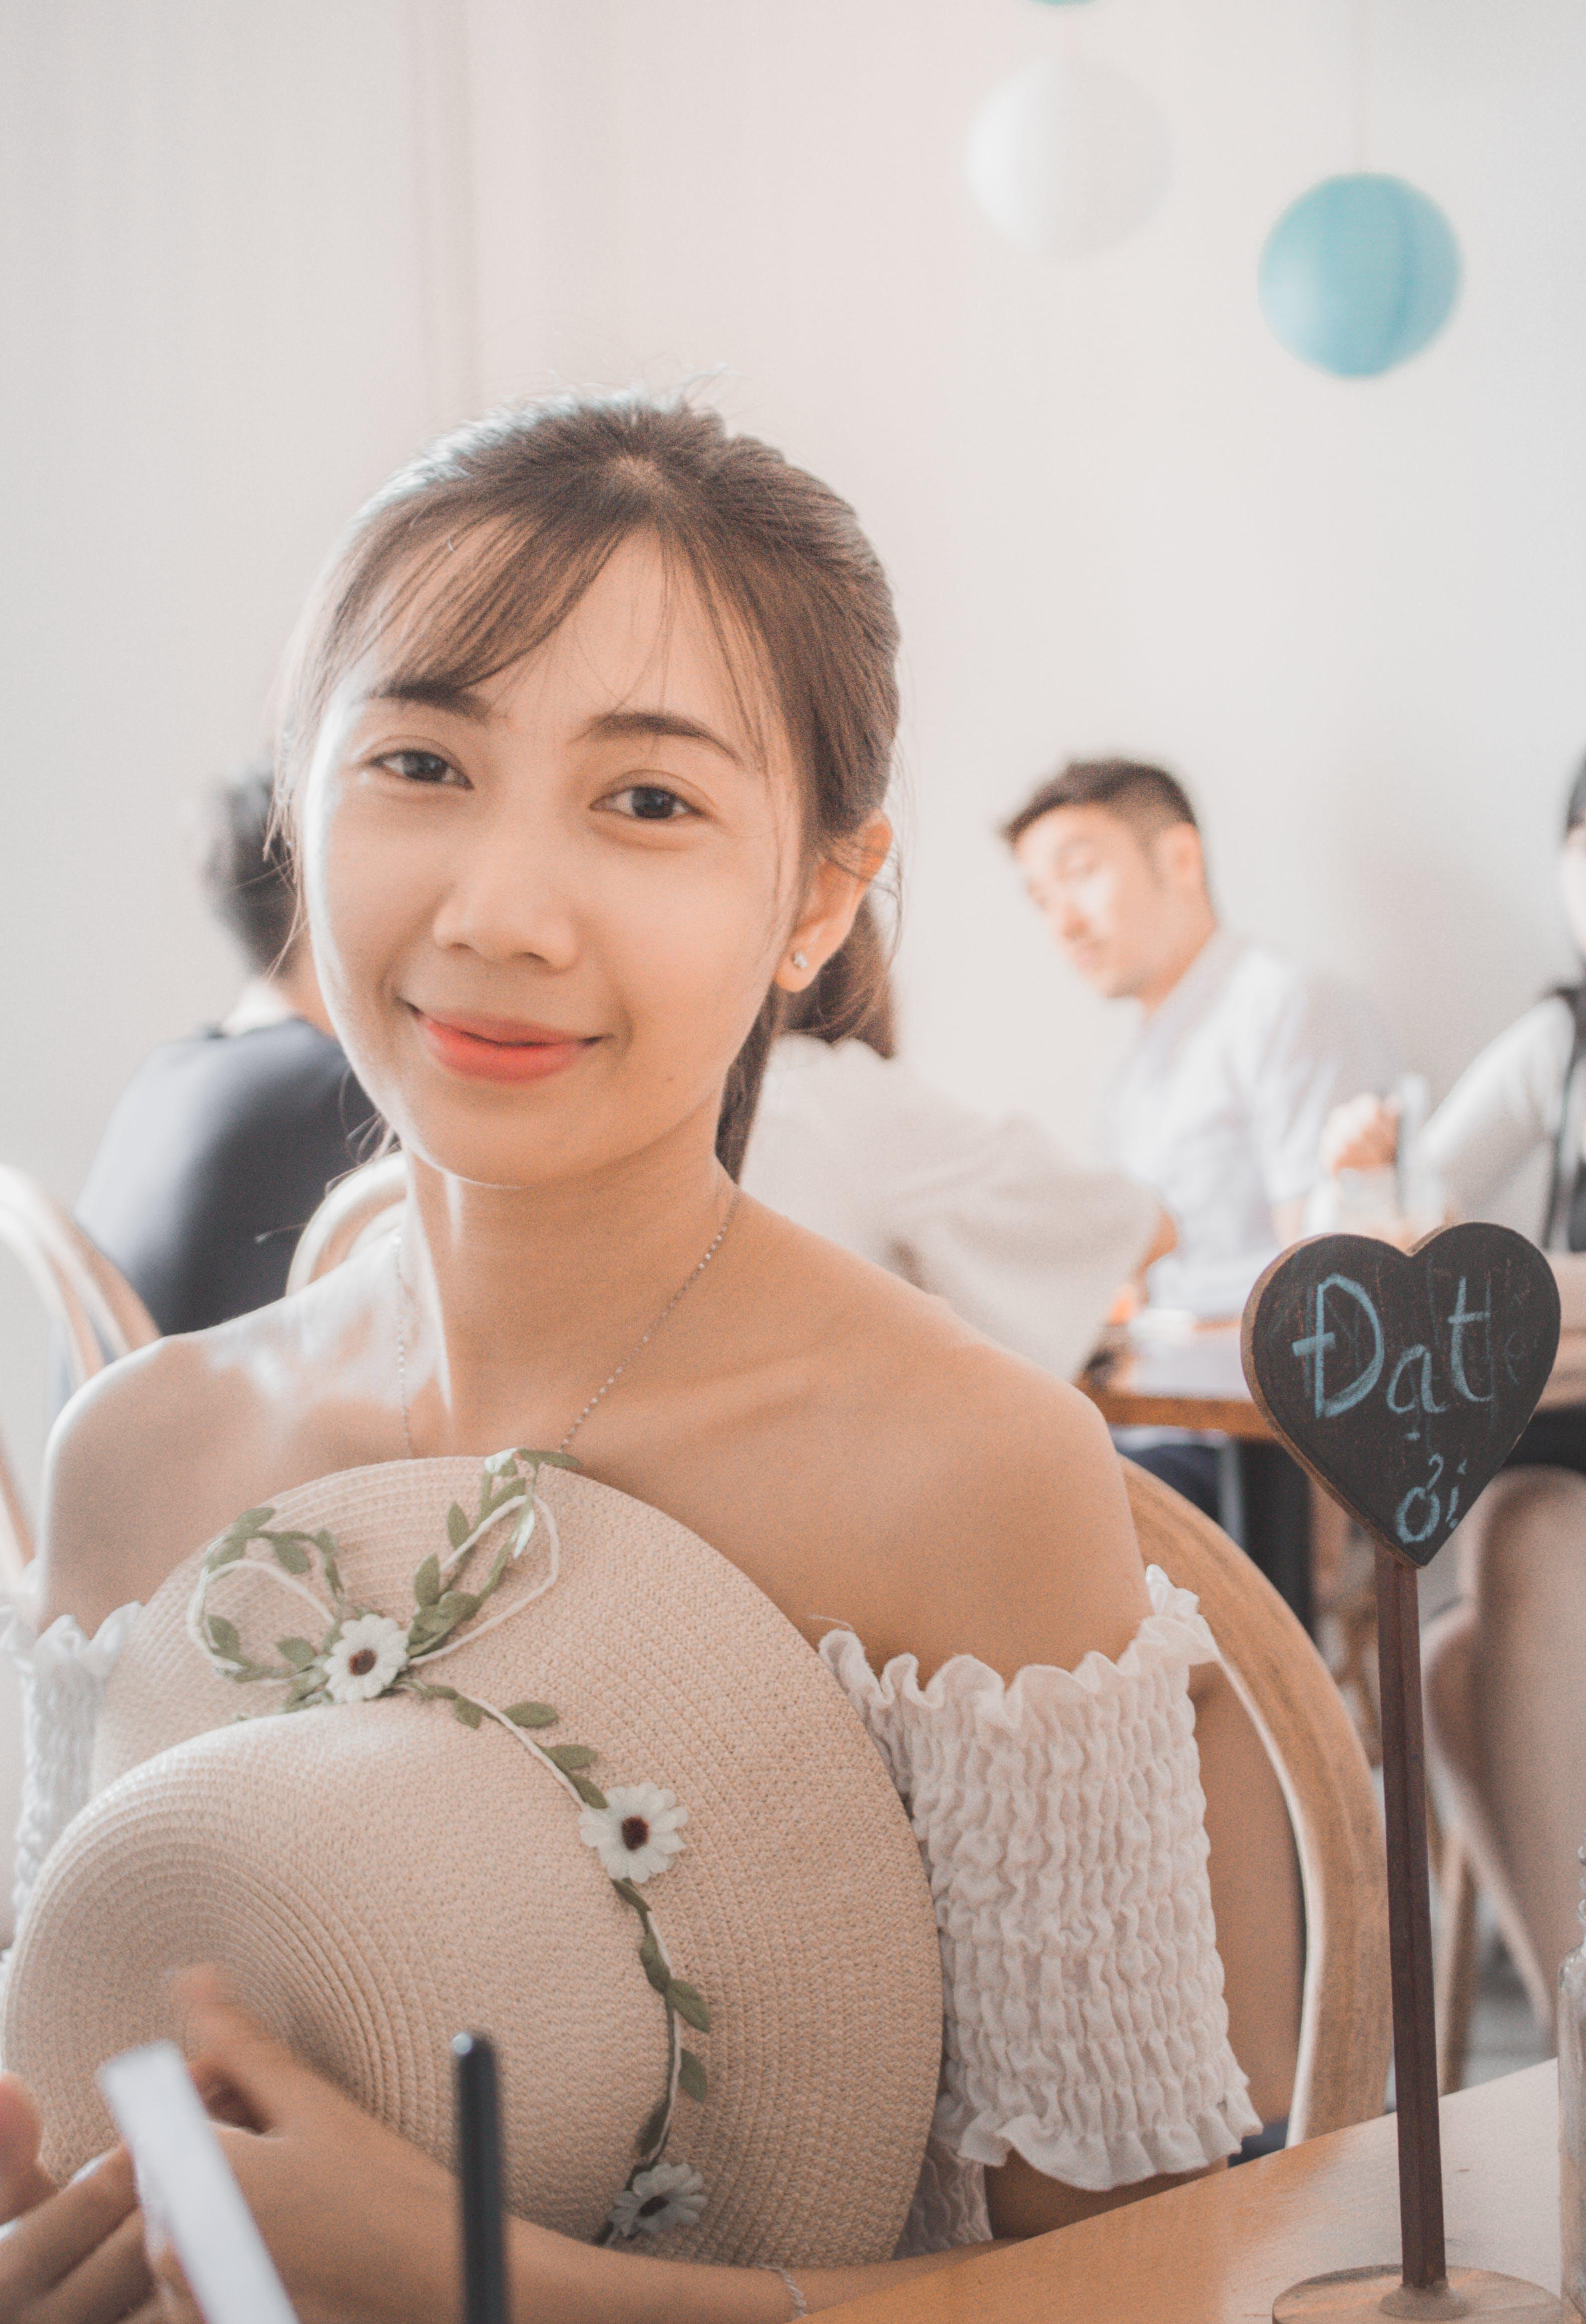 Gratis stockfoto met aantrekkelijk, aantrekkelijk mooi, Aziatisch meisje, Aziatische persoon